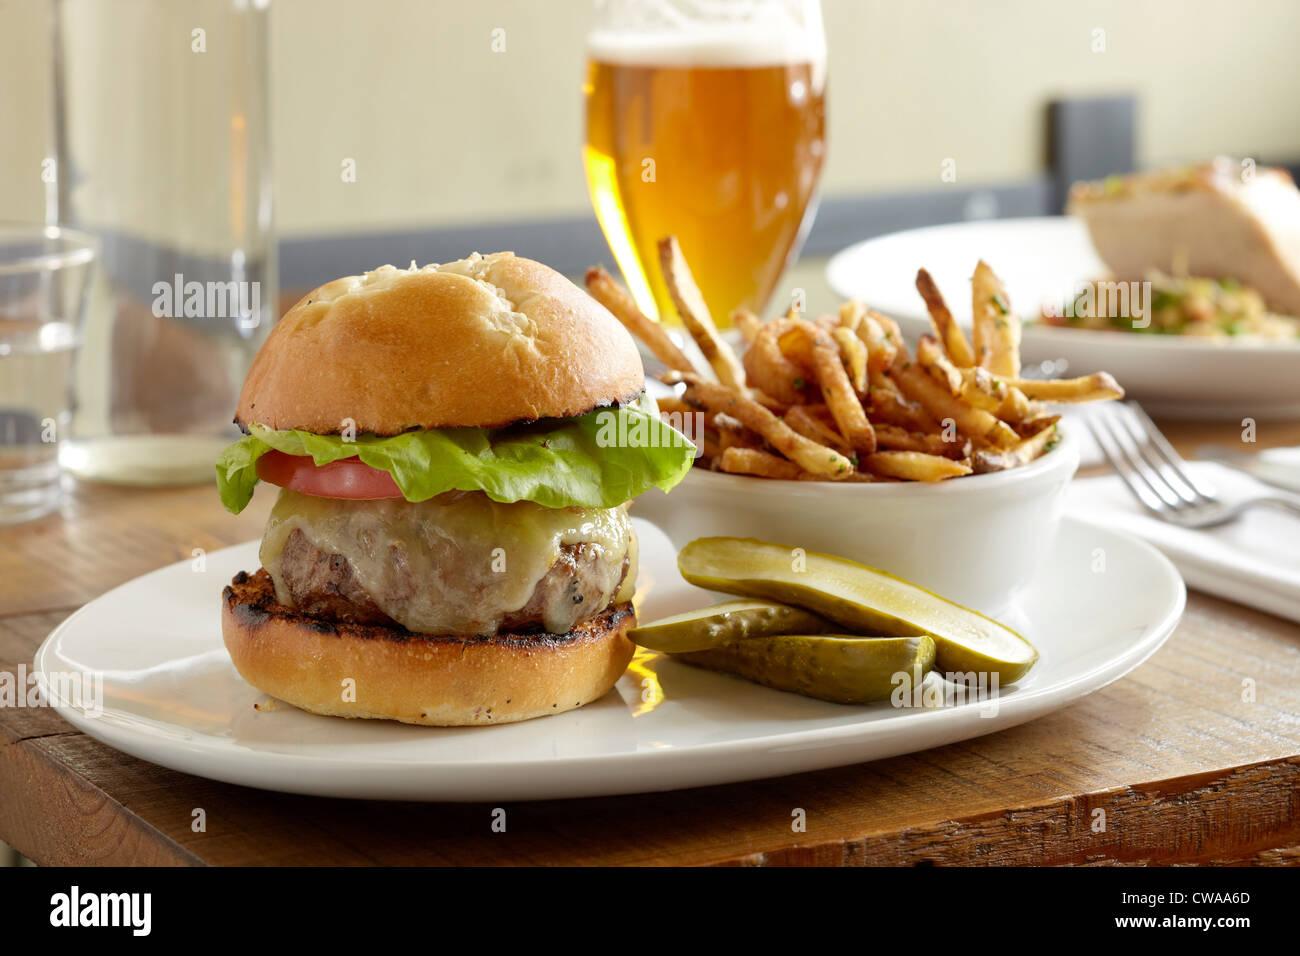 Burger und Pommes frites Stockbild